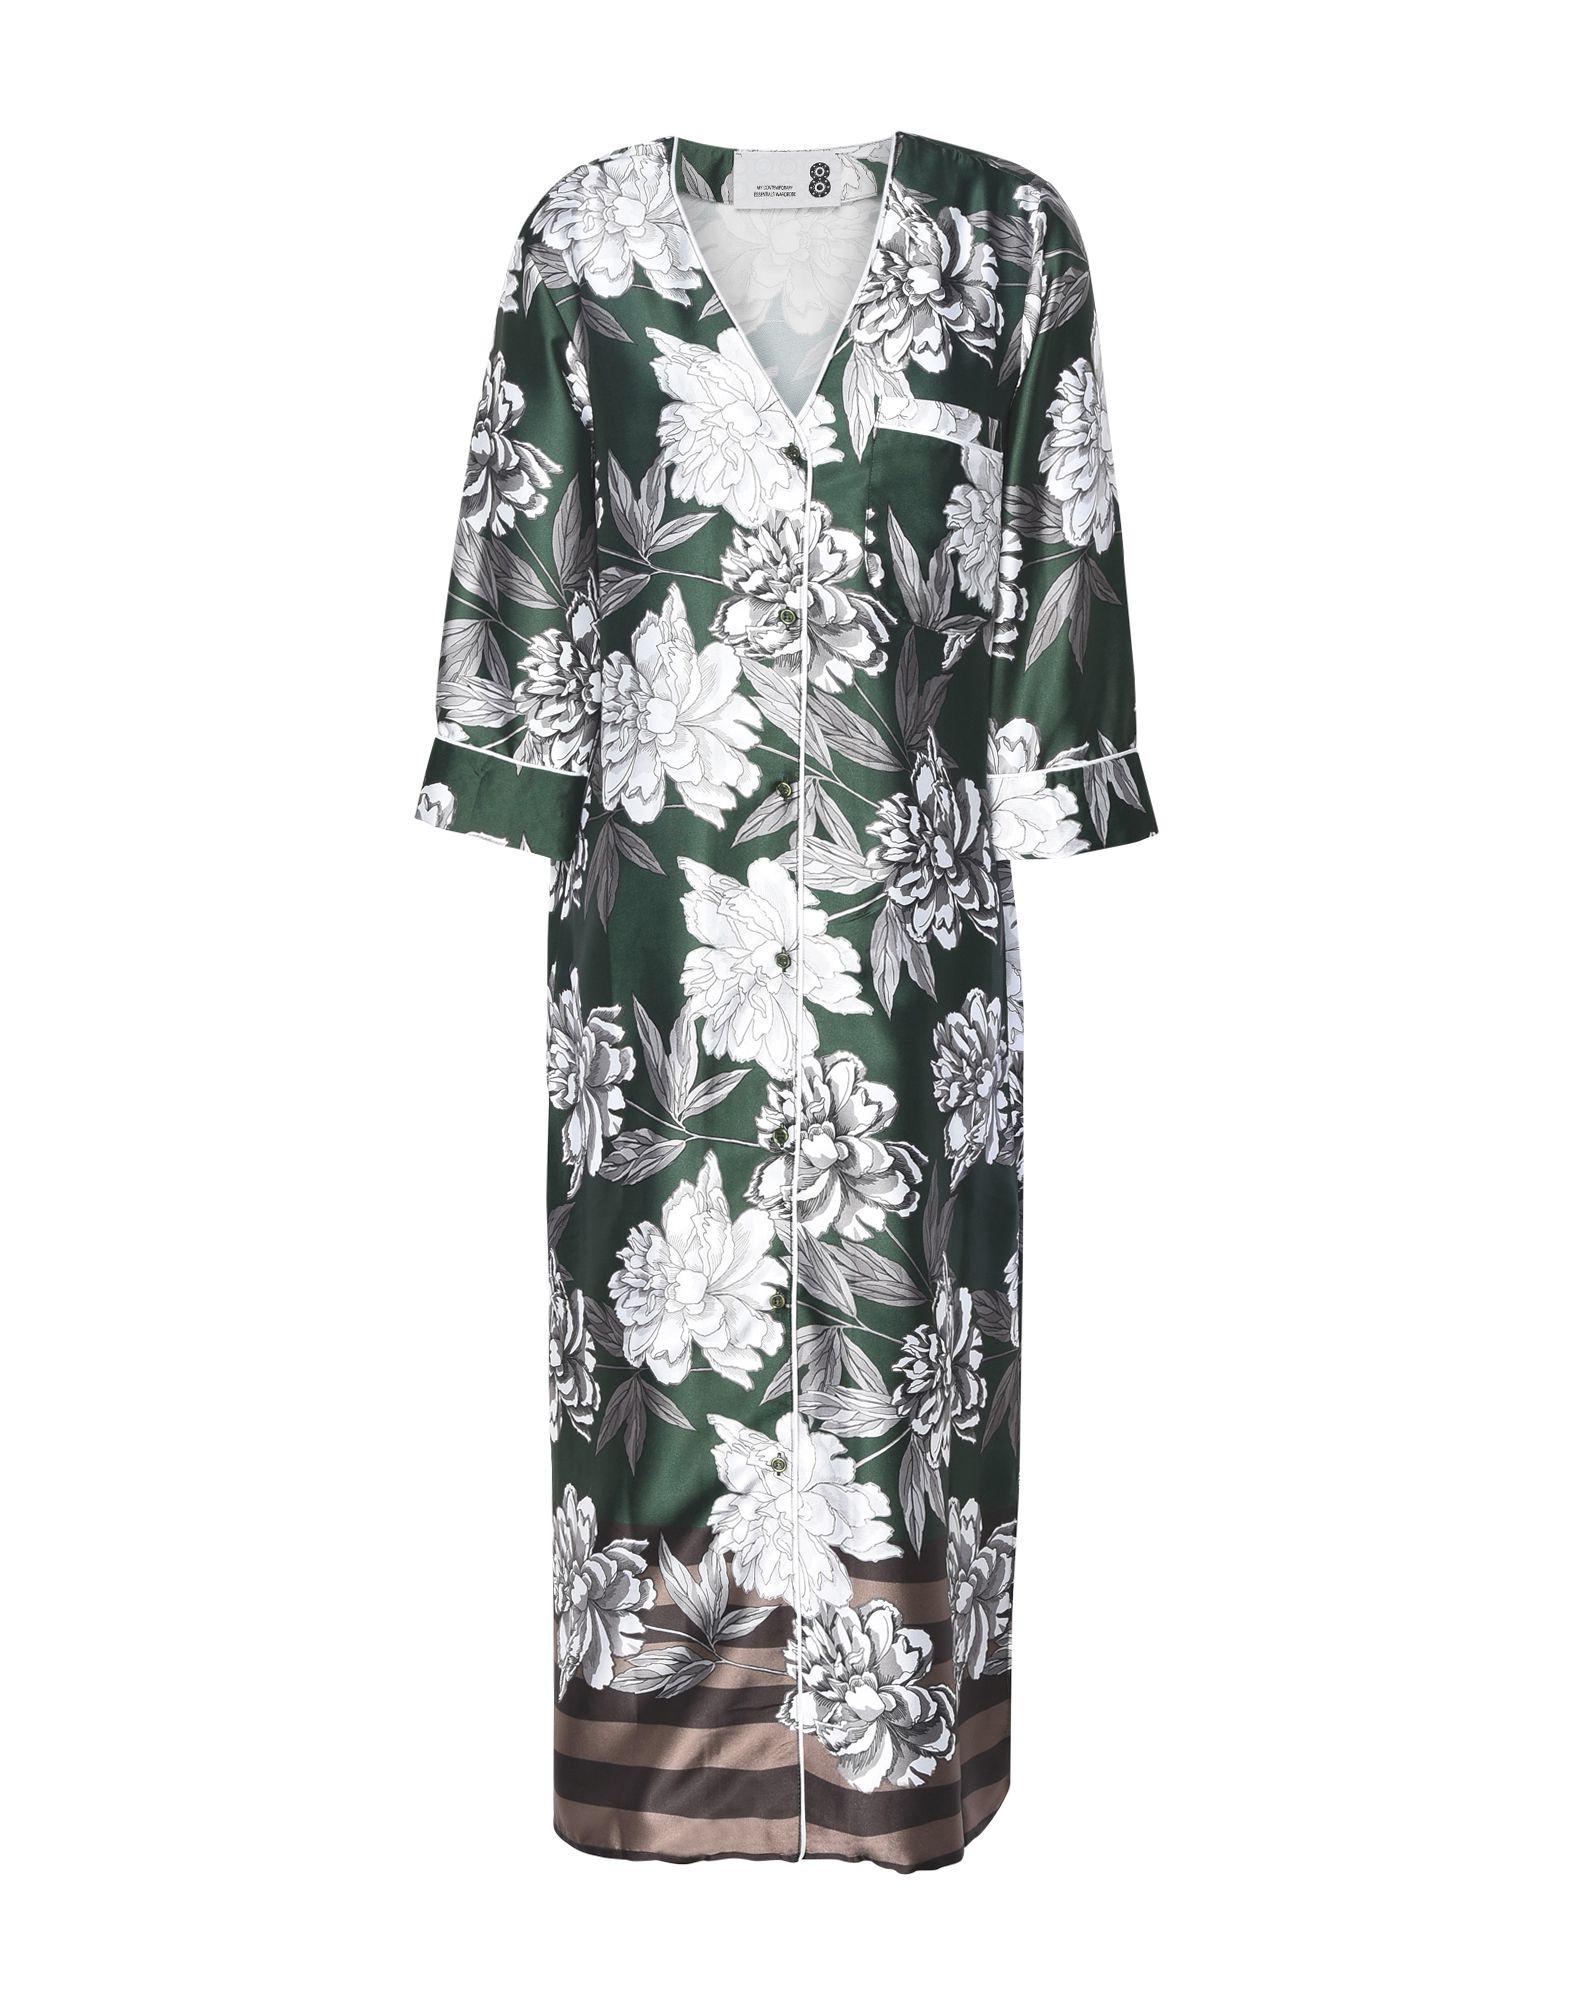 8 Платье длиной 3/4 rodarte платье длиной 3 4